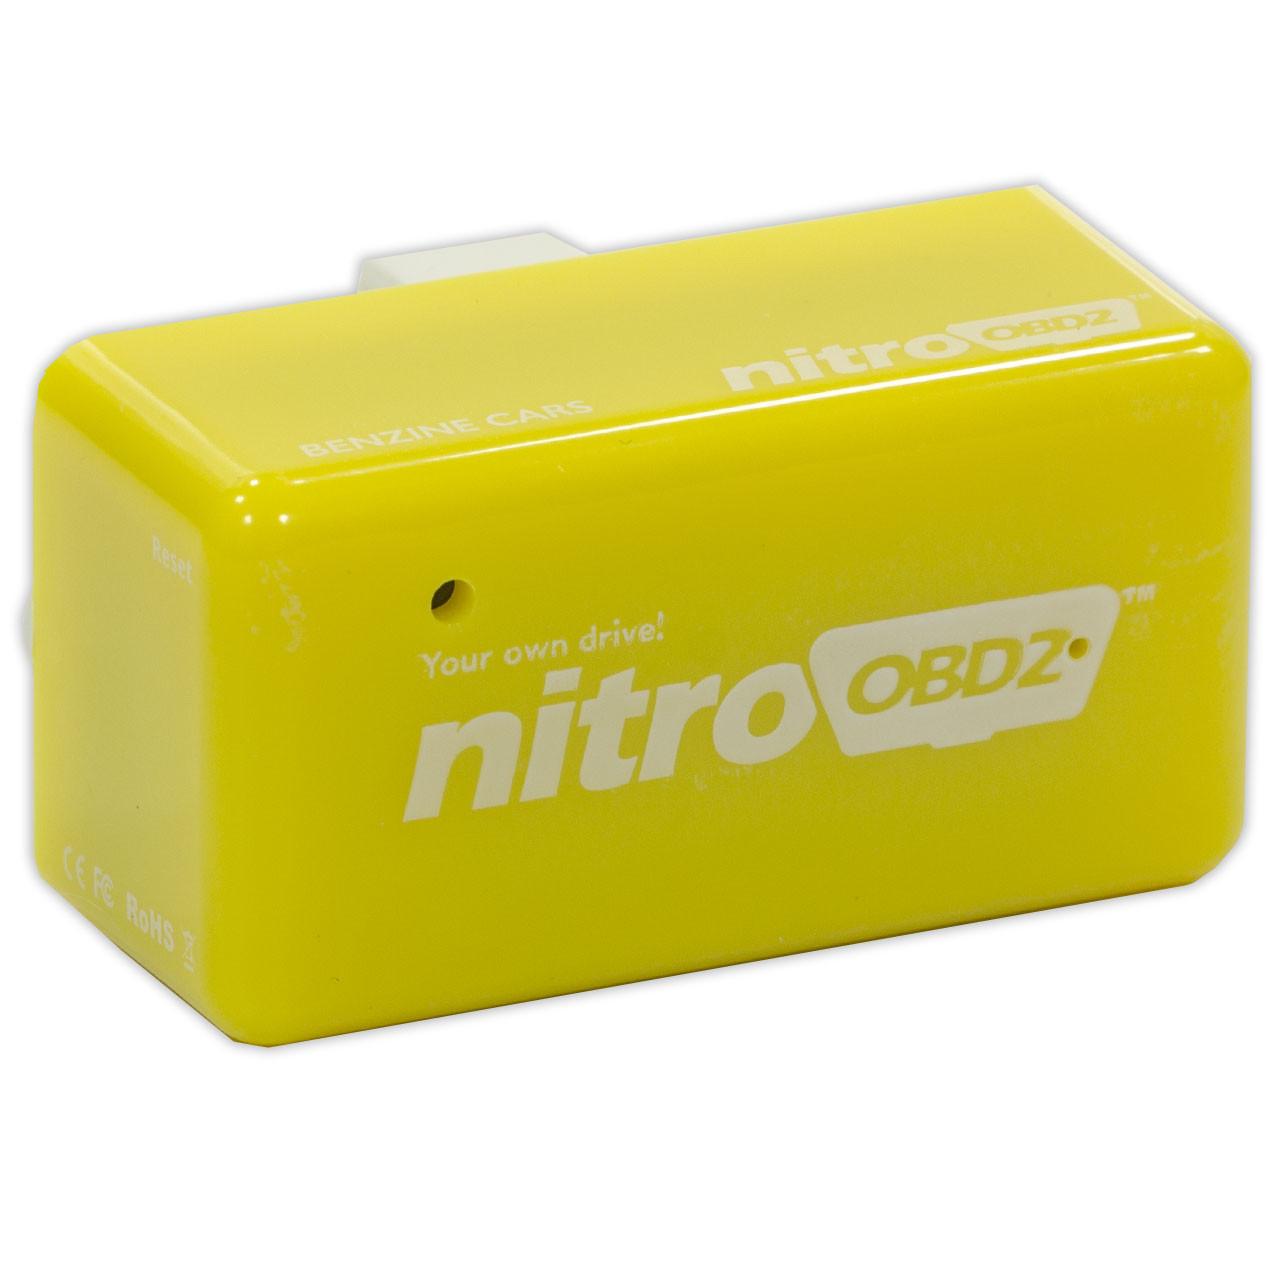 Чип тюнинг Nitro obd2 Chip для бензинового двигателя на 35% больше мощности на 25% больше крутящего момента - интернет-магазин Mobiloz (Мобилоз) в Киеве